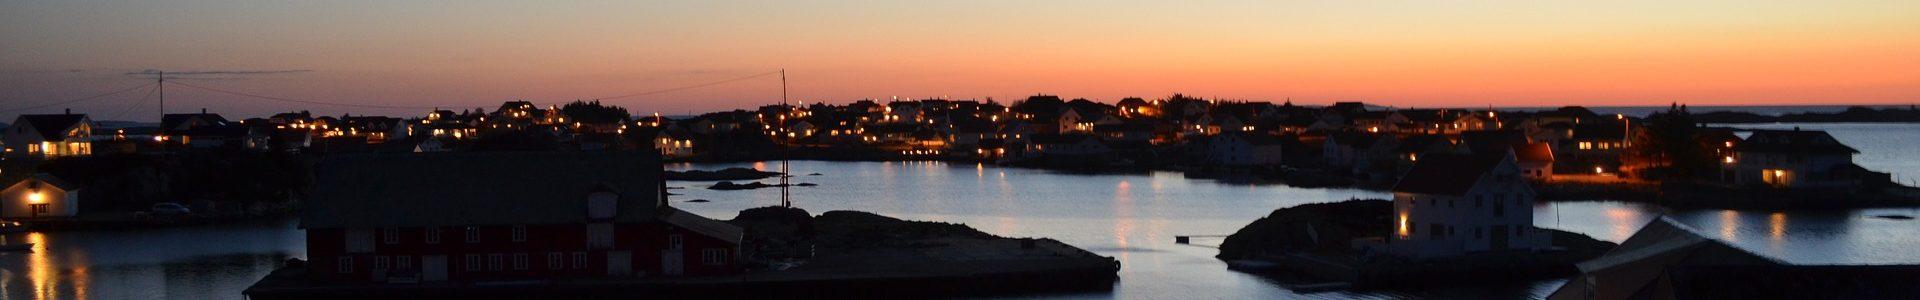 En sein kveld på Karmøy i Rogaland Foto: Jarak / Pixabay